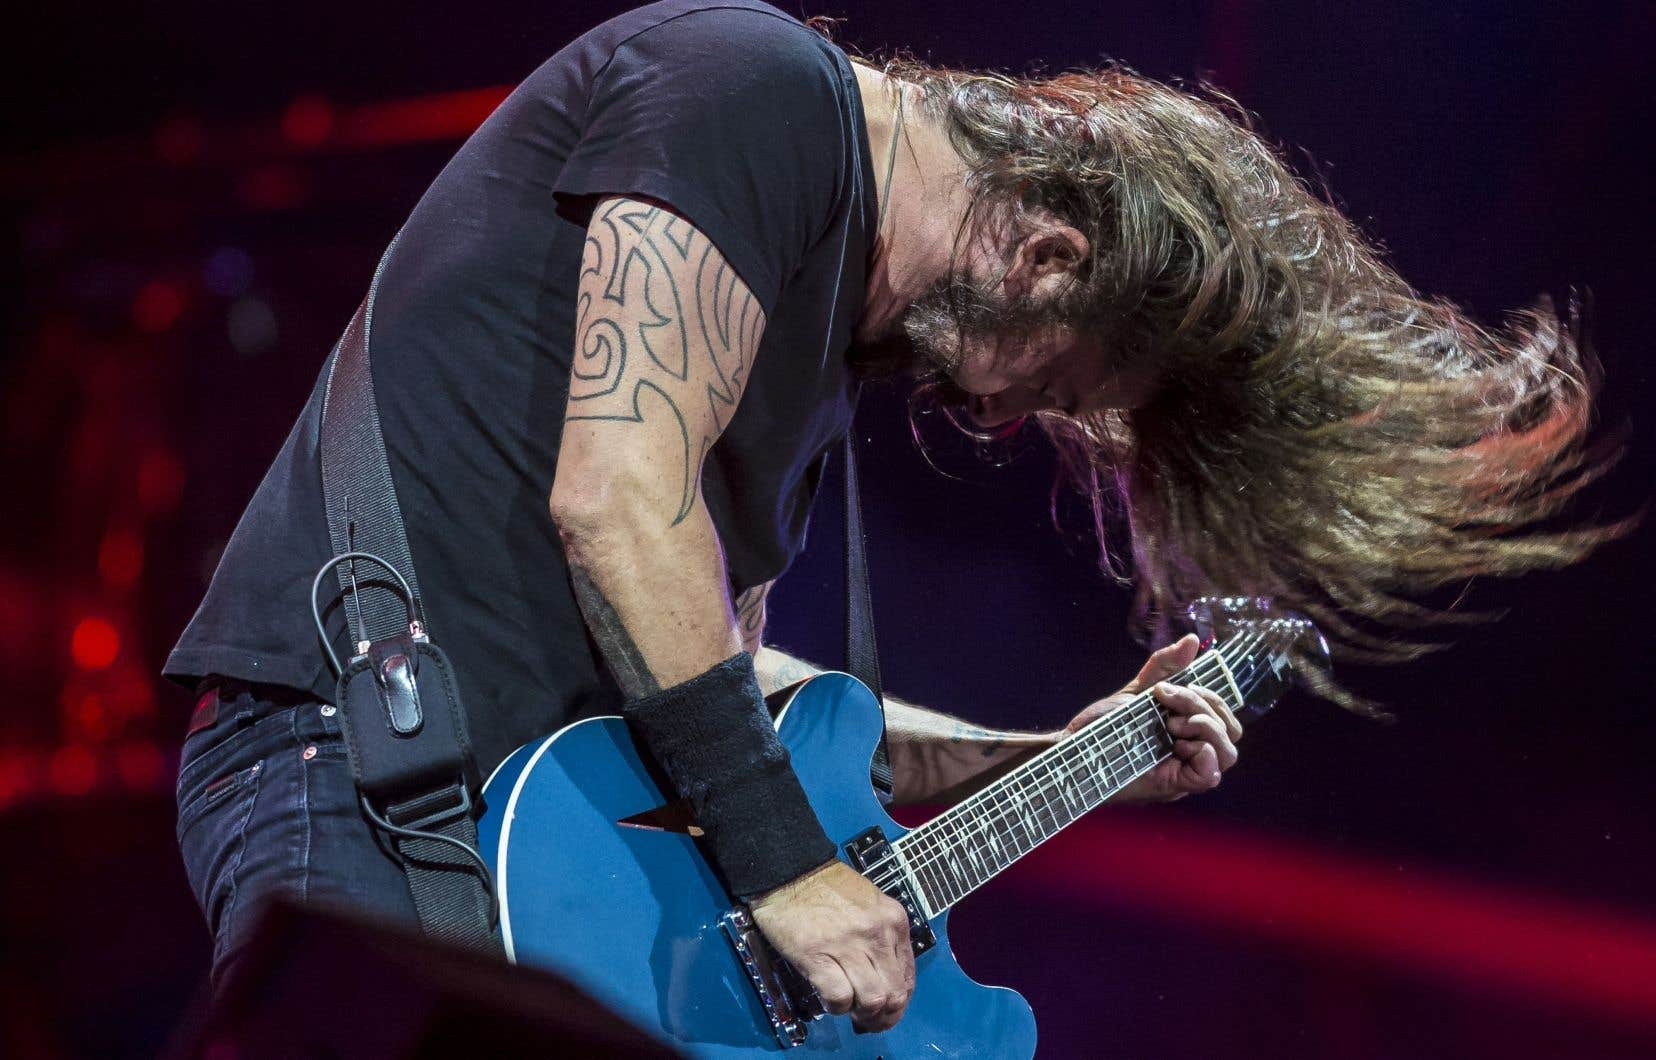 La musique des Foo Fighters se veut une sorte de cours intensif d'histoire du rock.